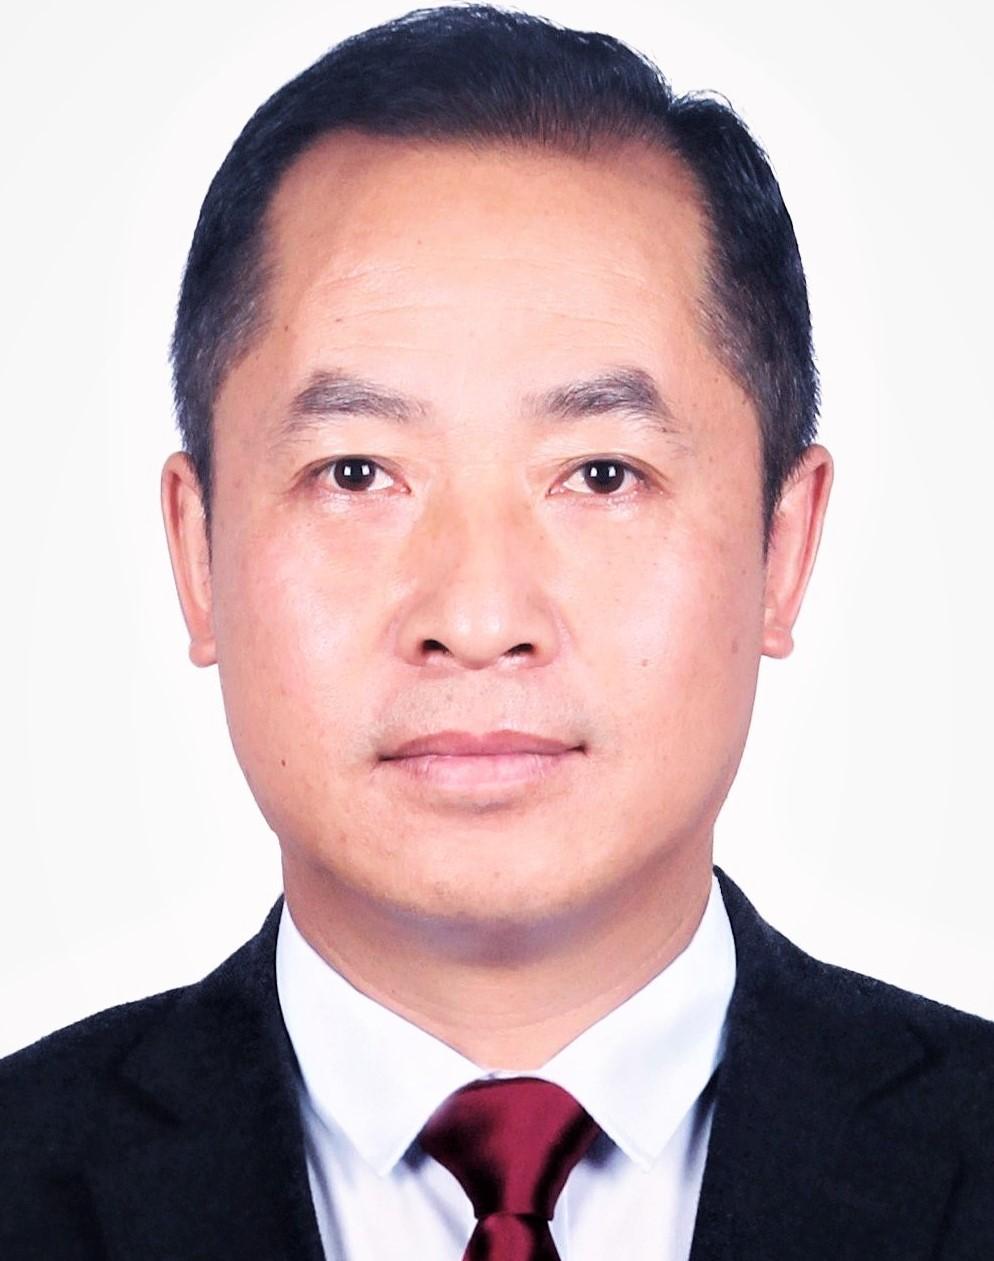 苏州律师 刘银